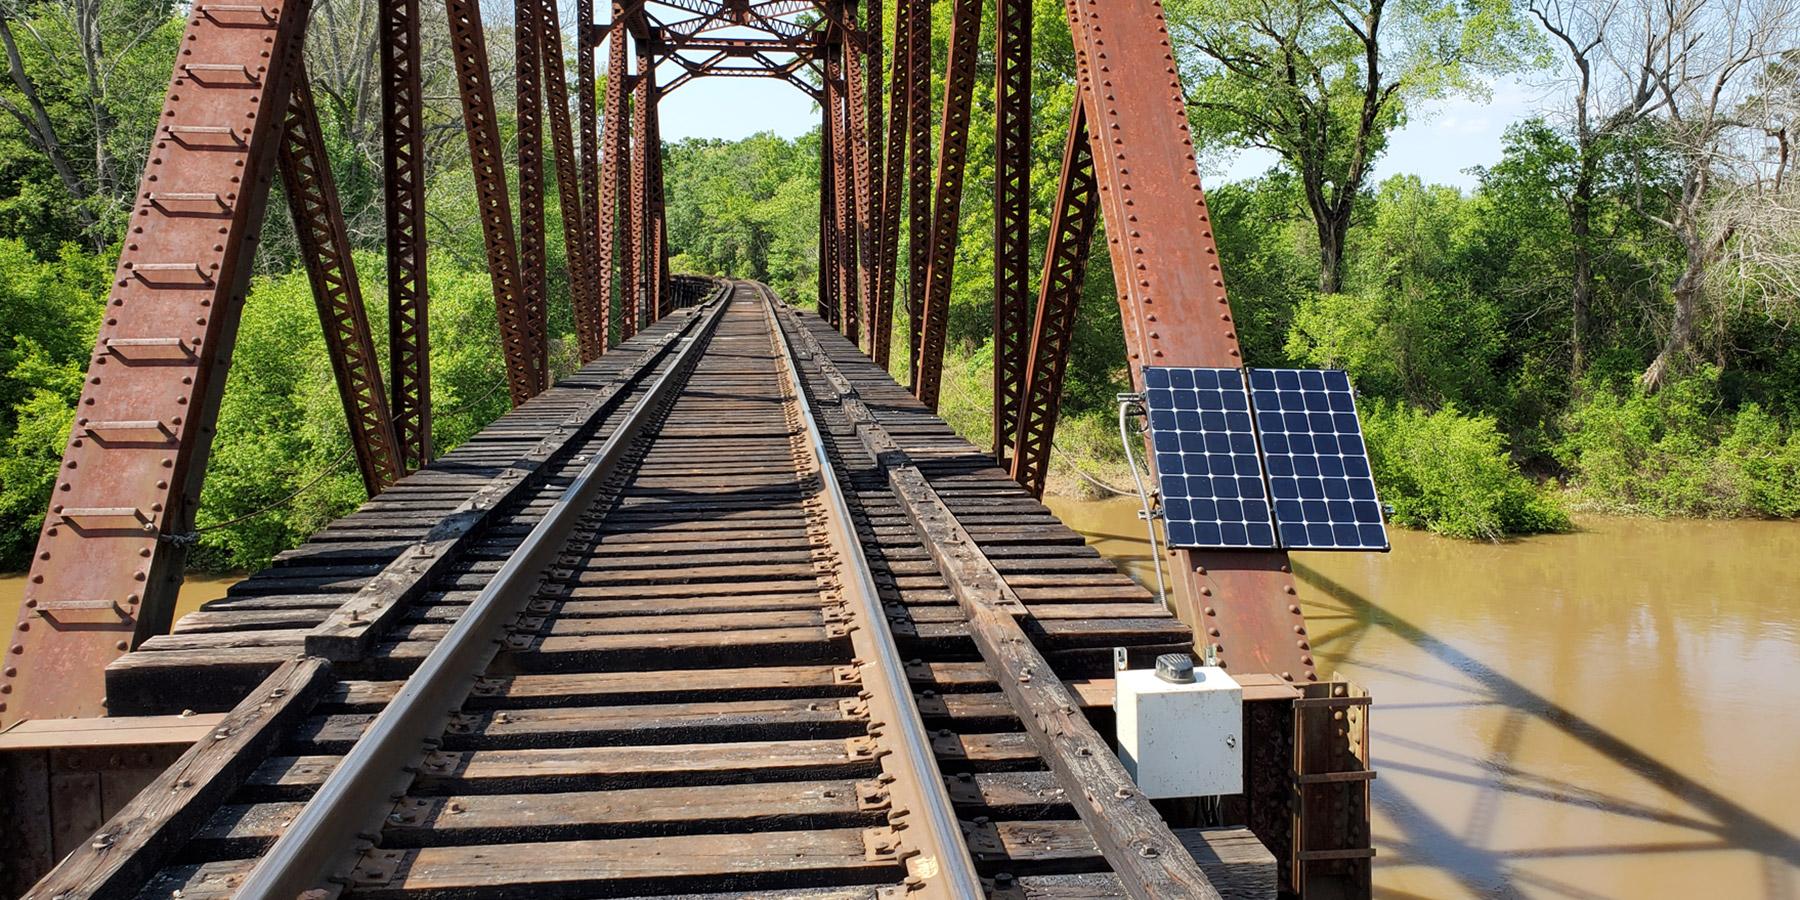 Railway with panel